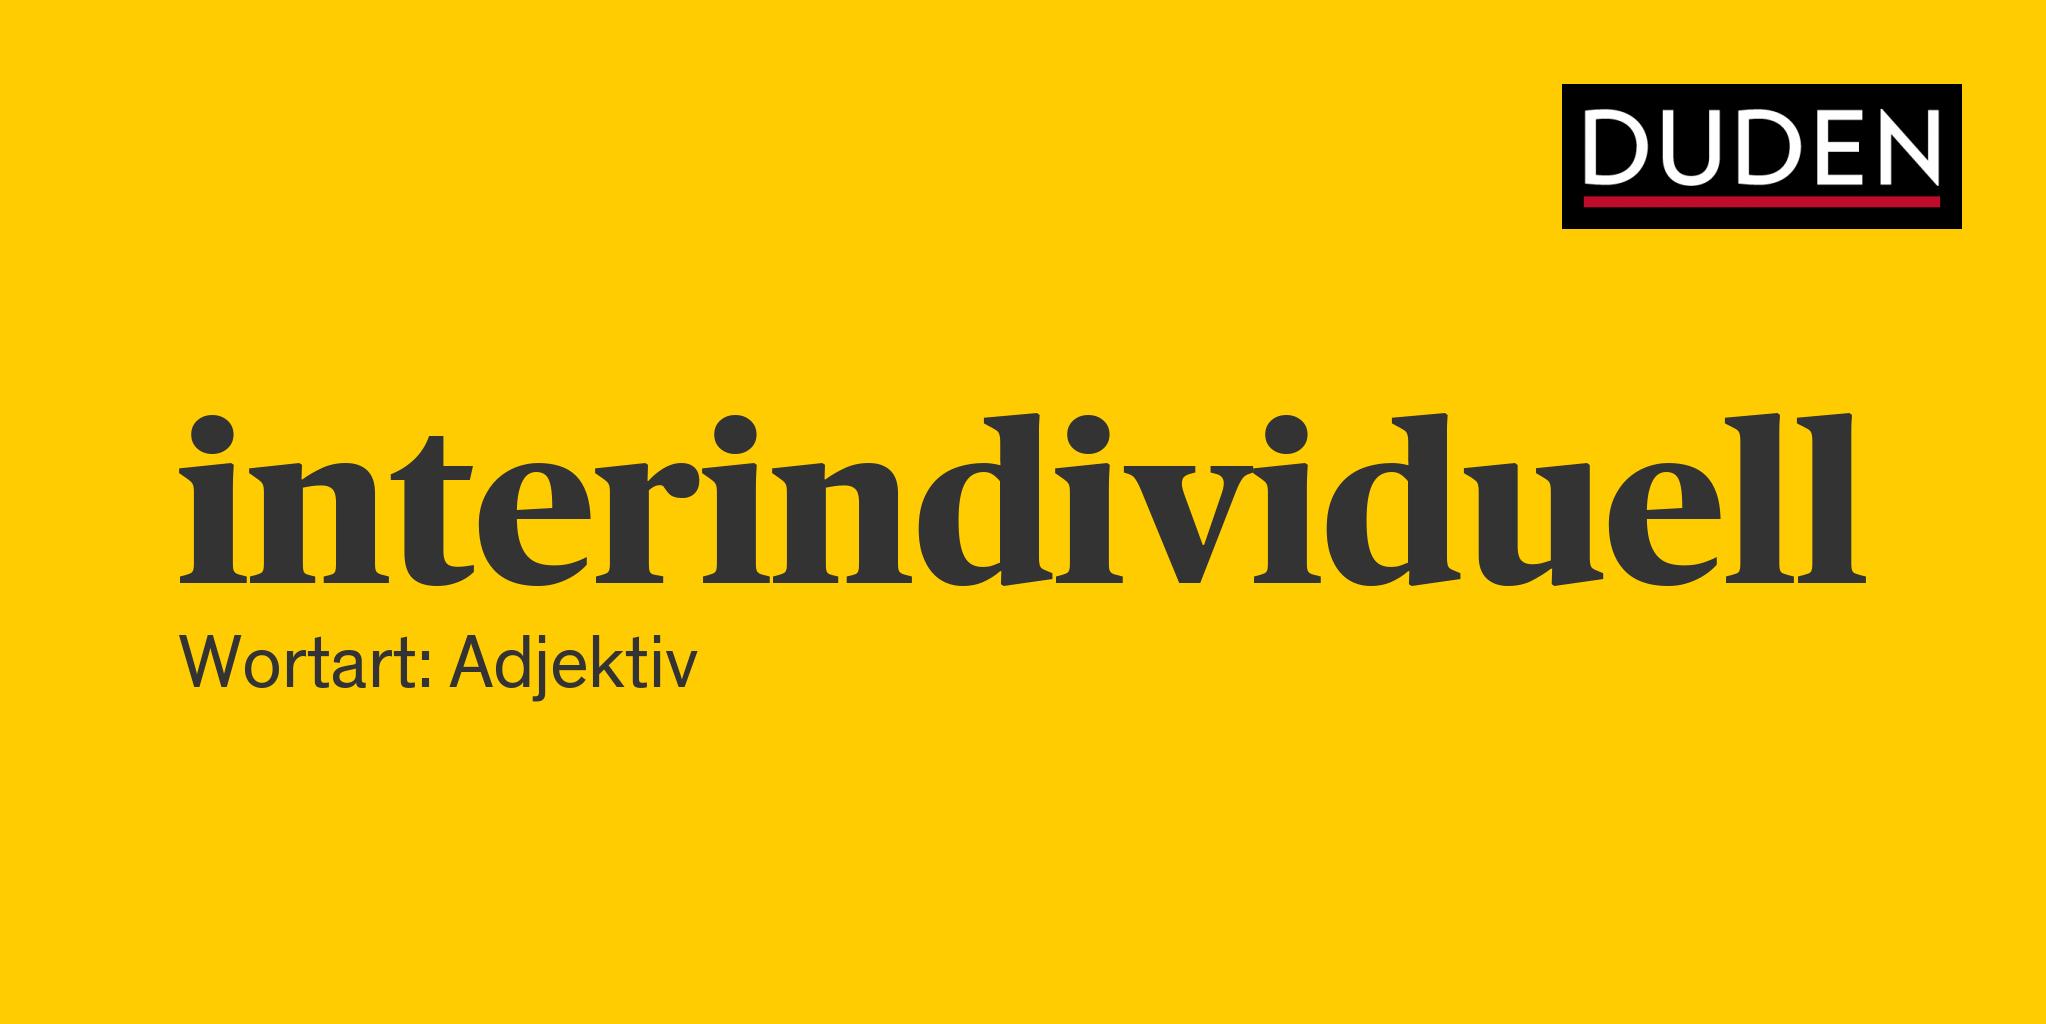 Interindividuell